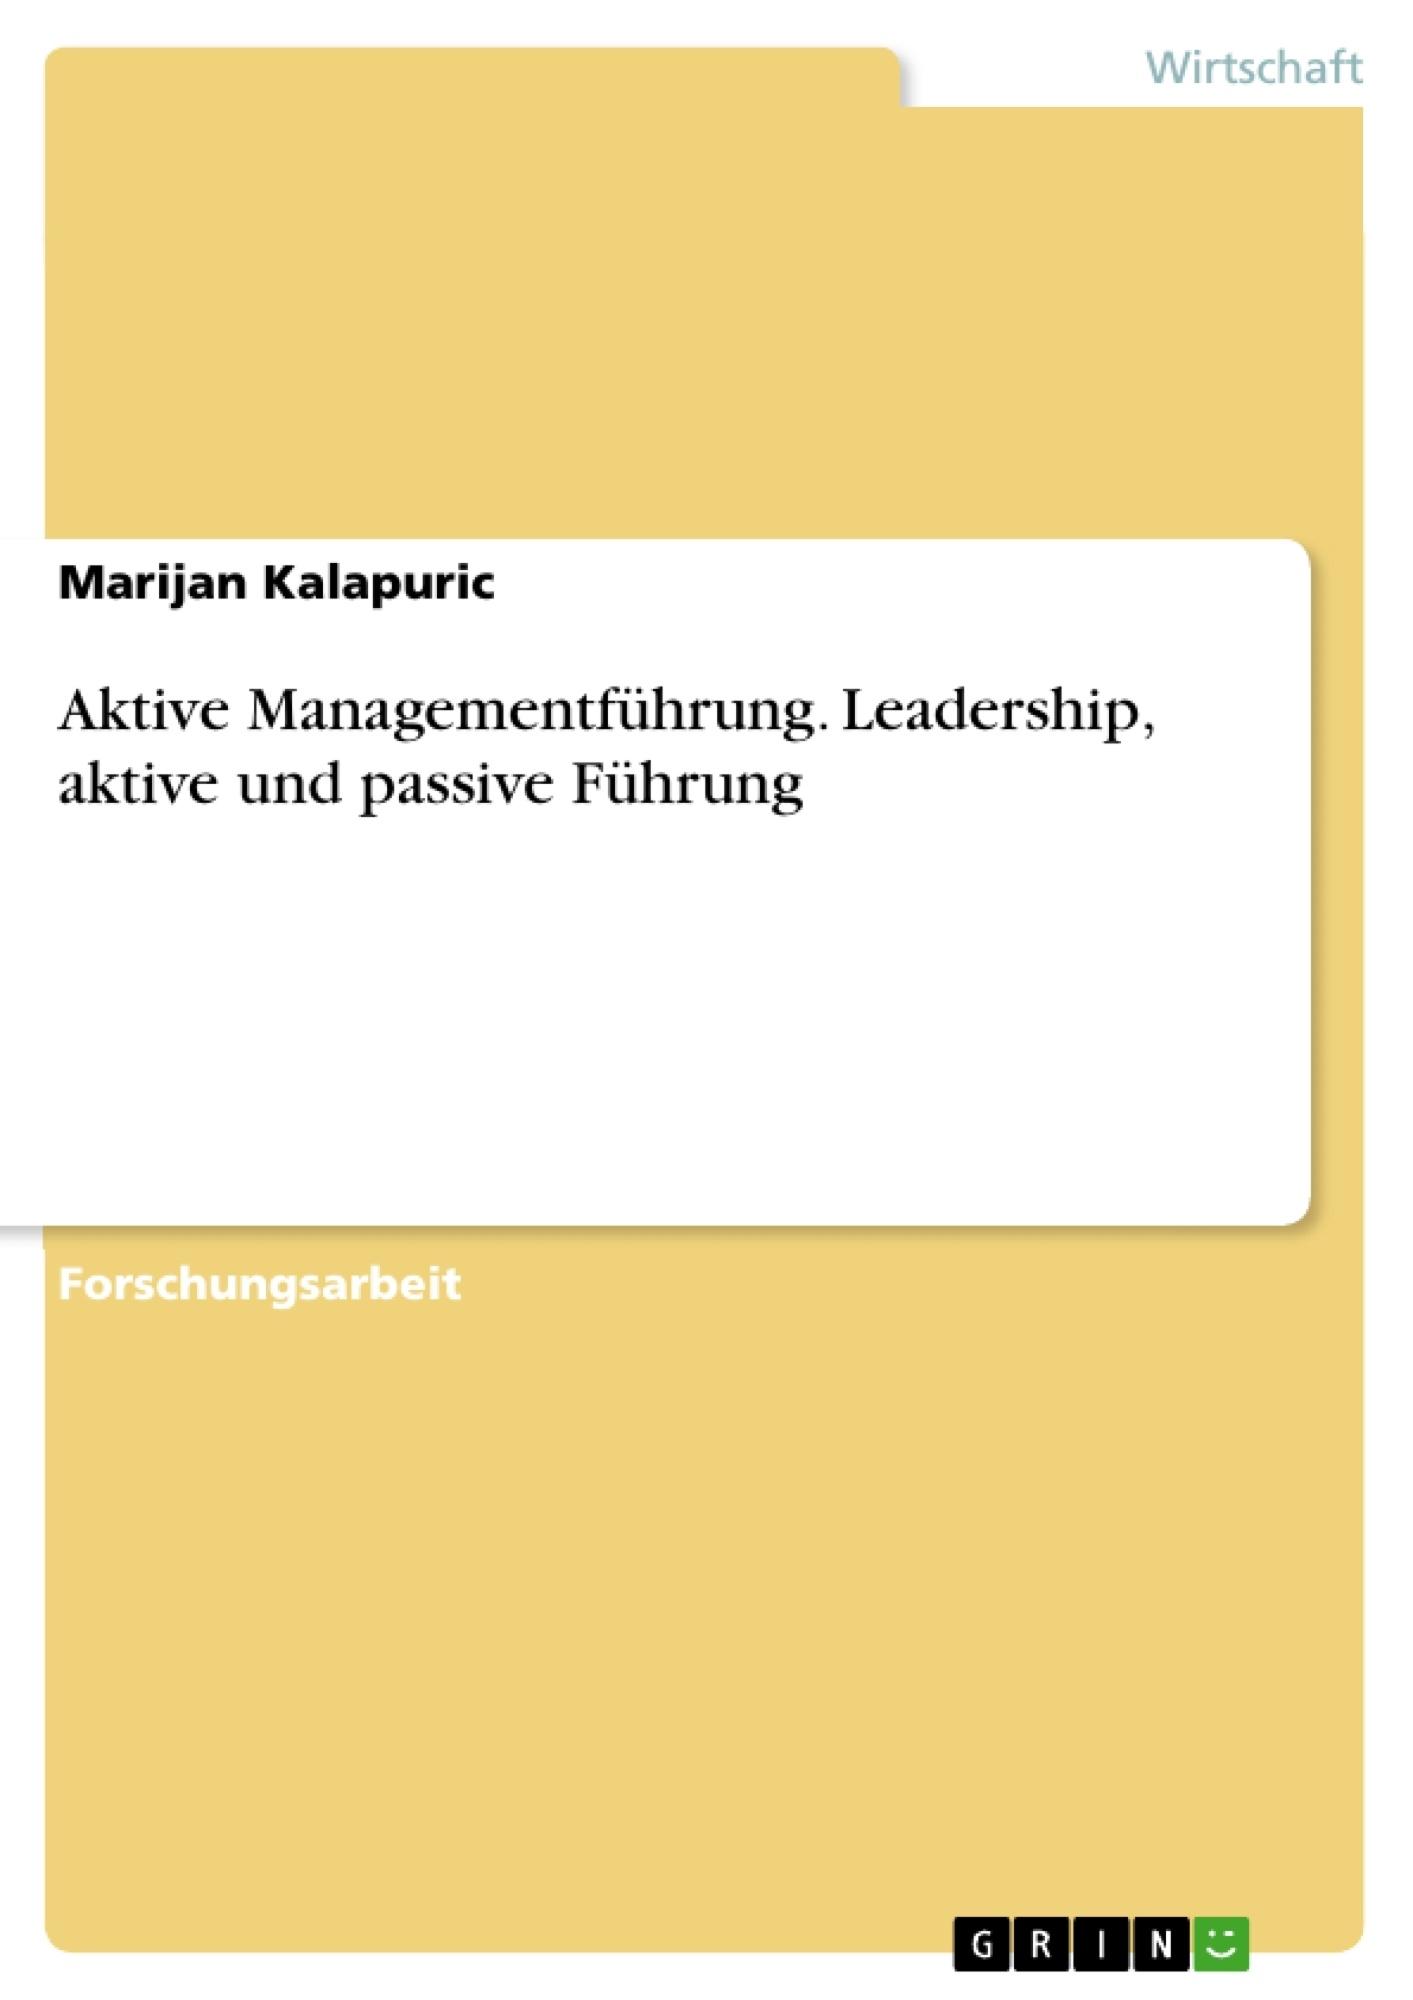 Titel: Aktive Managementführung. Leadership, aktive und passive Führung